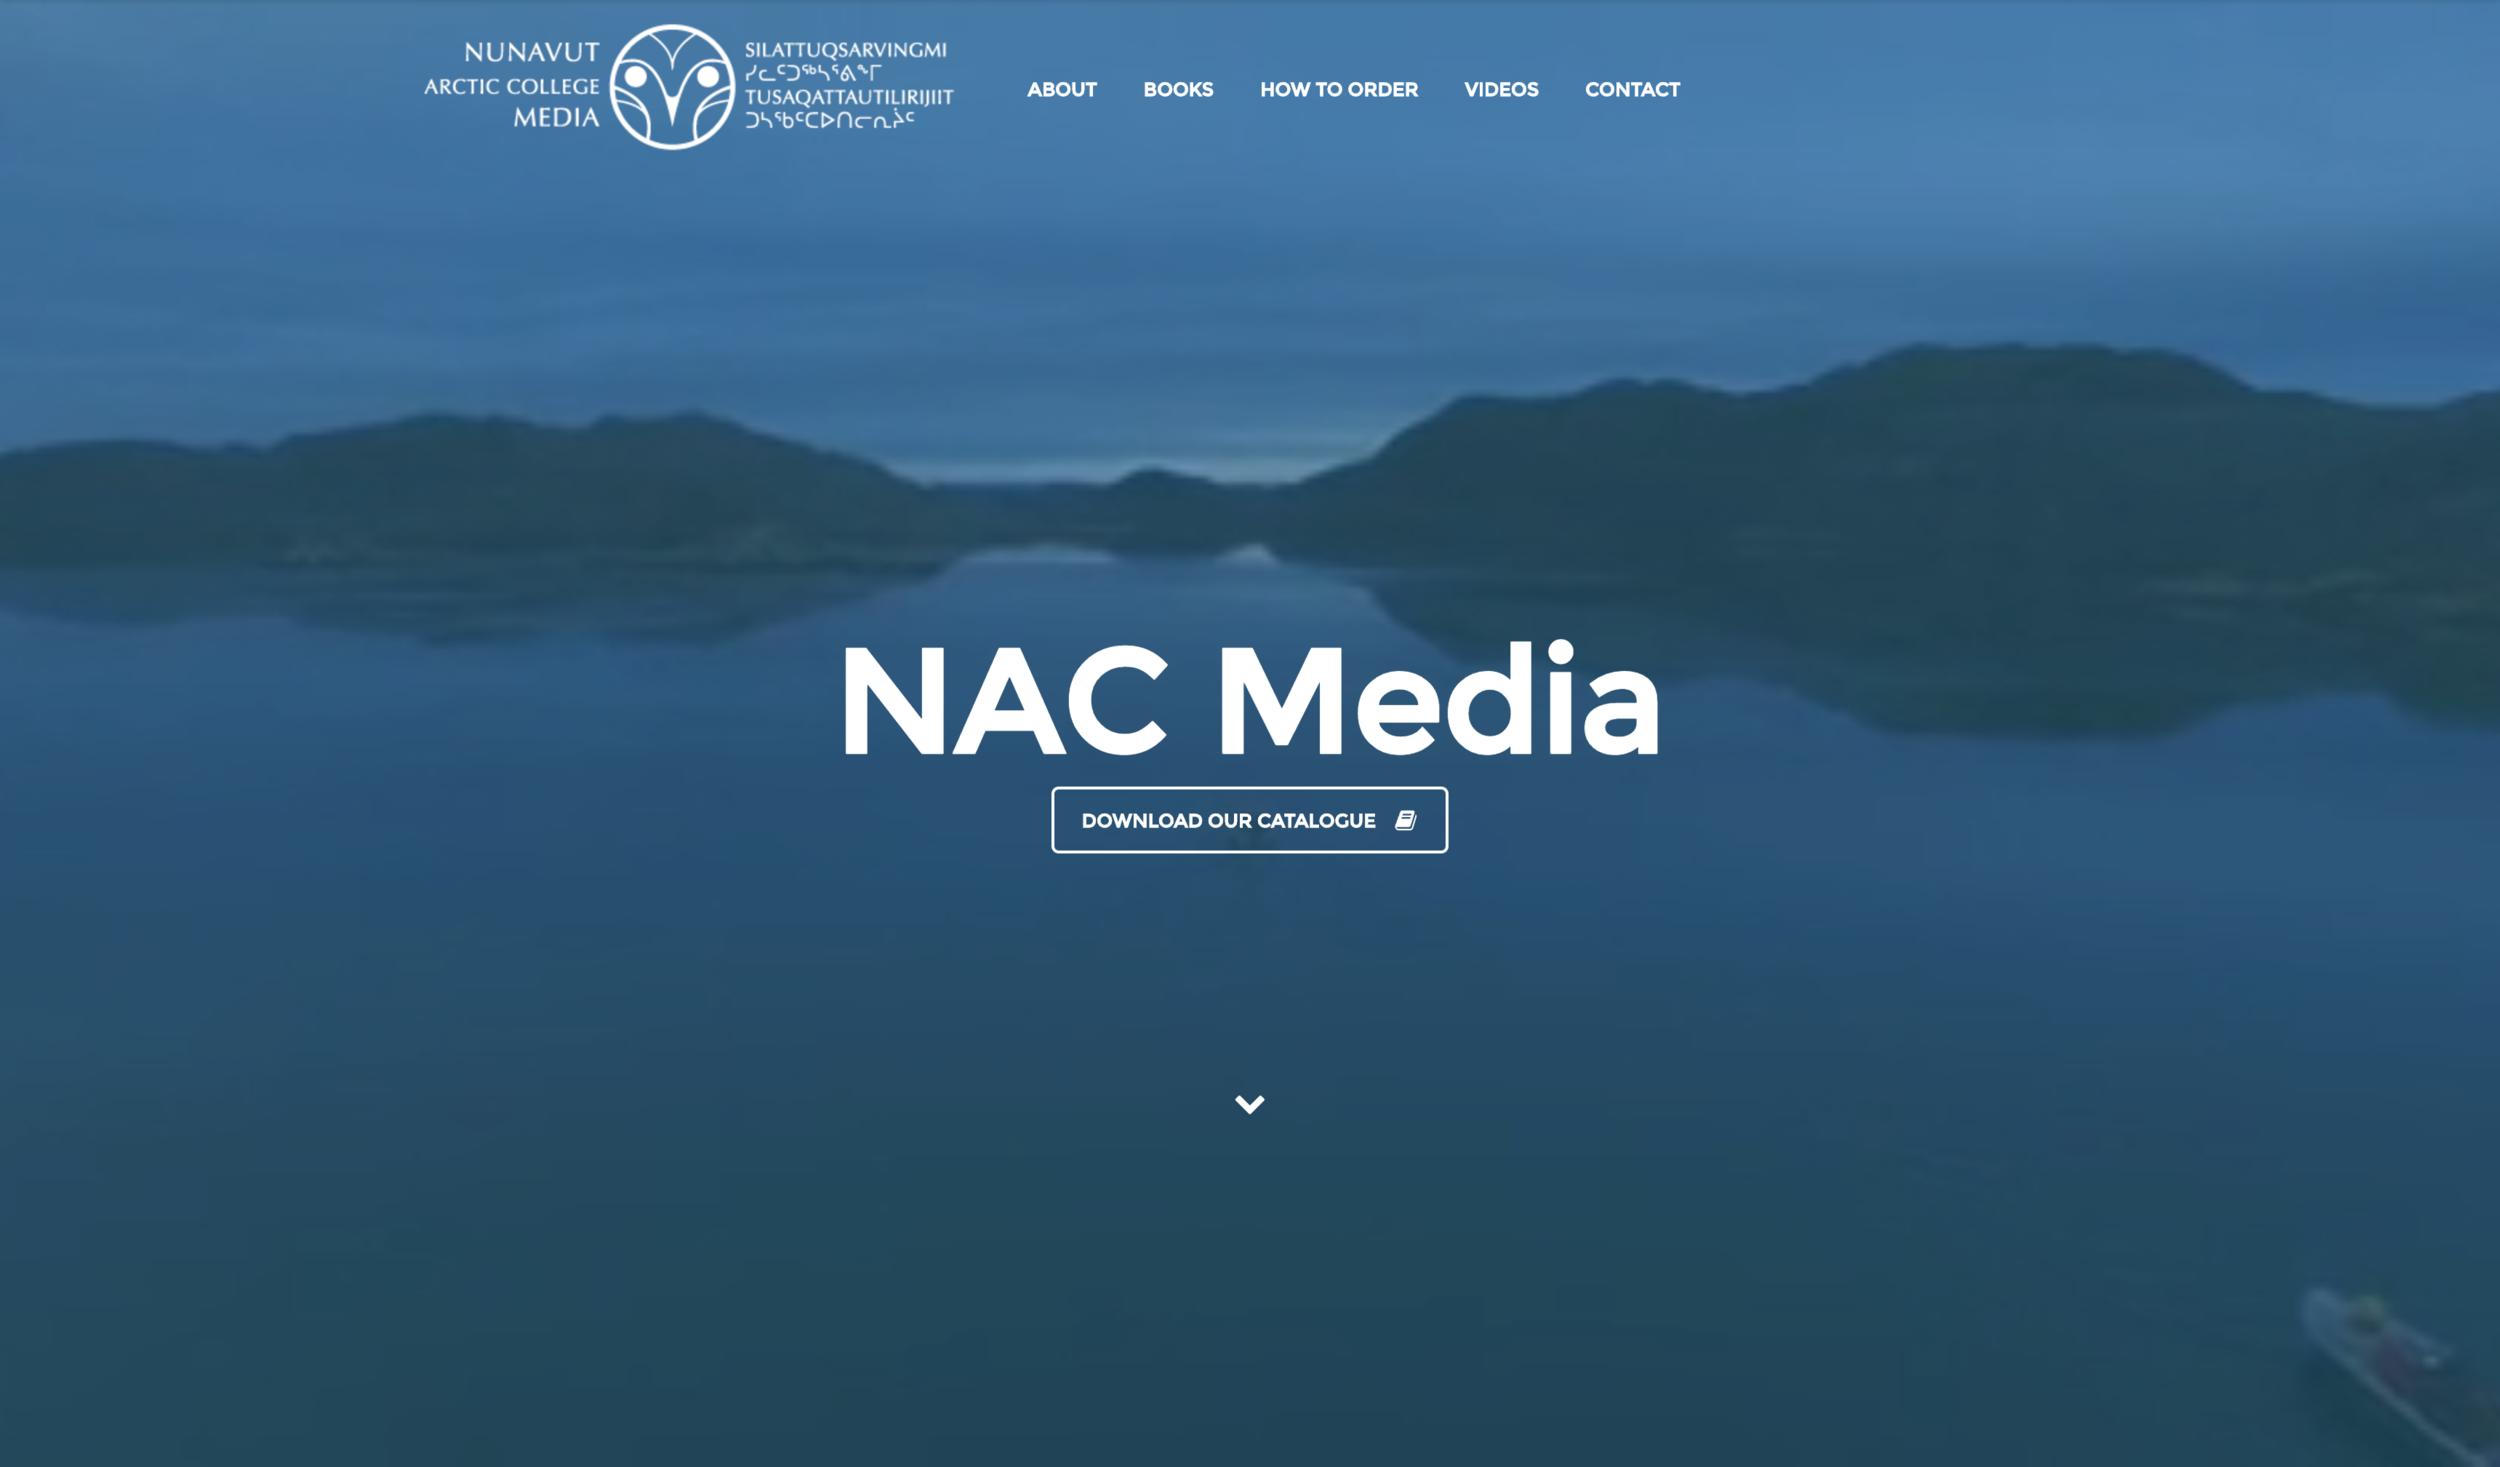 NAC Media — Travis Daley